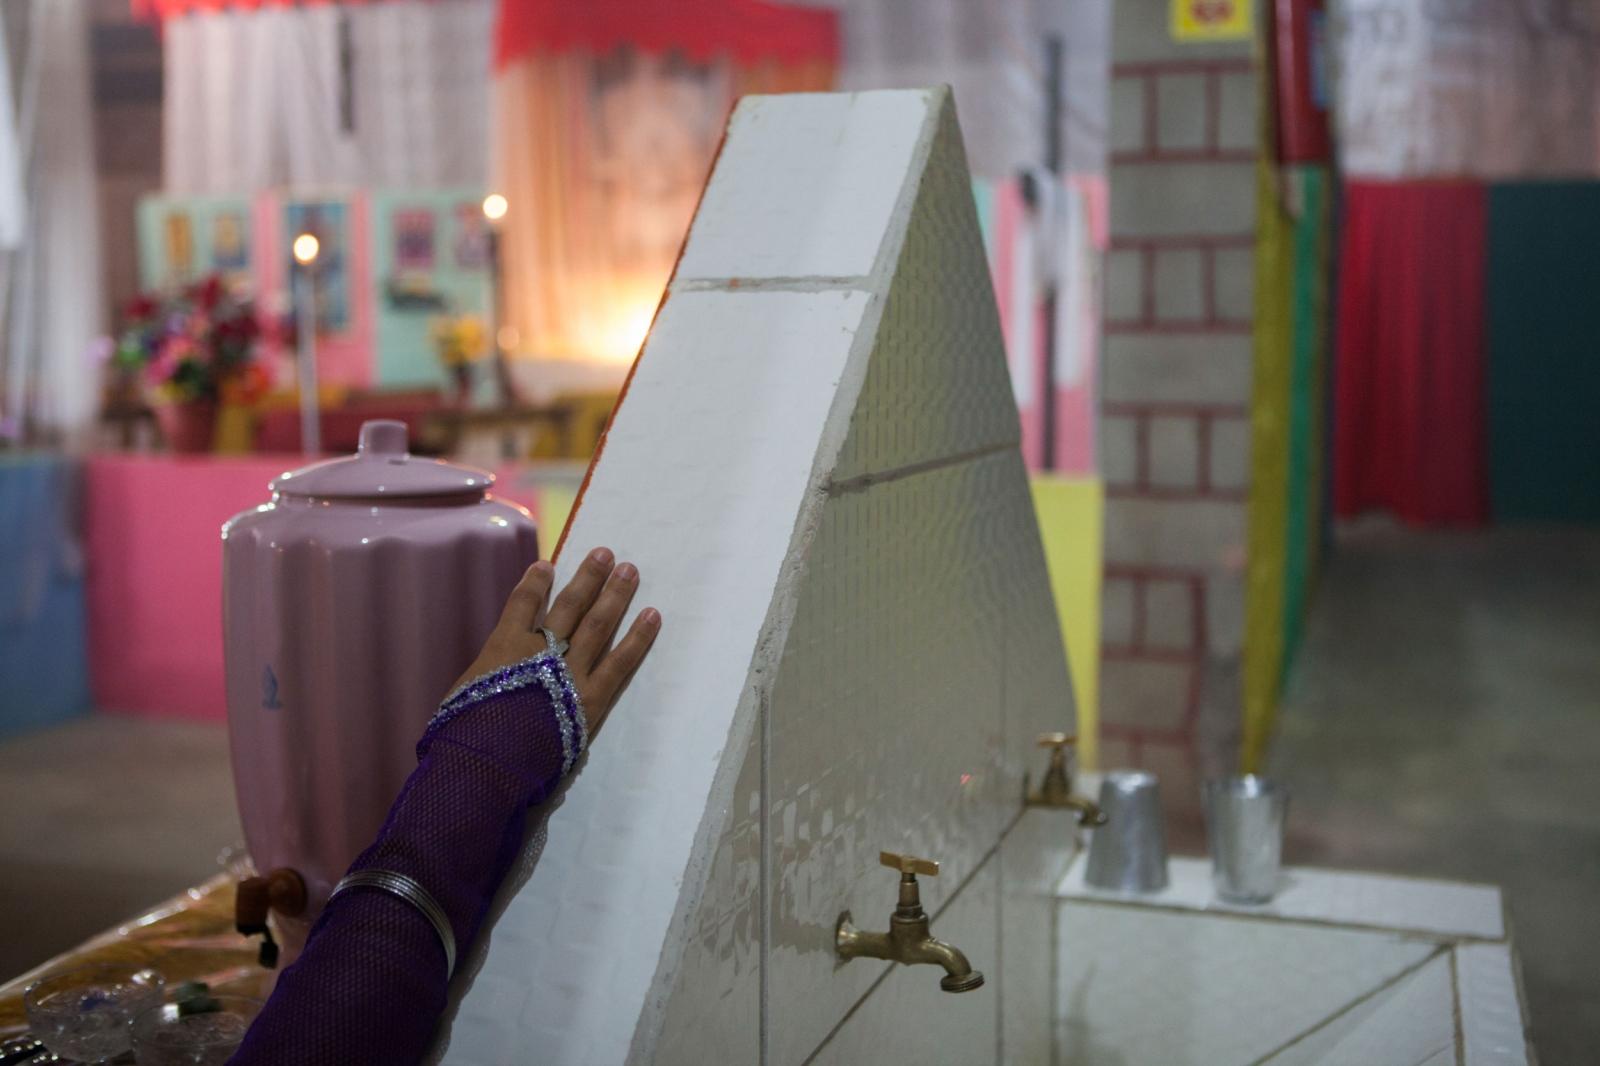 ·Detail of hand on the water fountain that is believed to contain energised water blessed by Intergallactic spirits which contain healing powers. Cavalcante do Goais, 2014. // · Detalle de mano en la fuente de agua la cual se cree que contiene agua energizada bendecida por espiritus intergalácticos y contiene poderes curativos.Cavalcante do Goais, 2014.